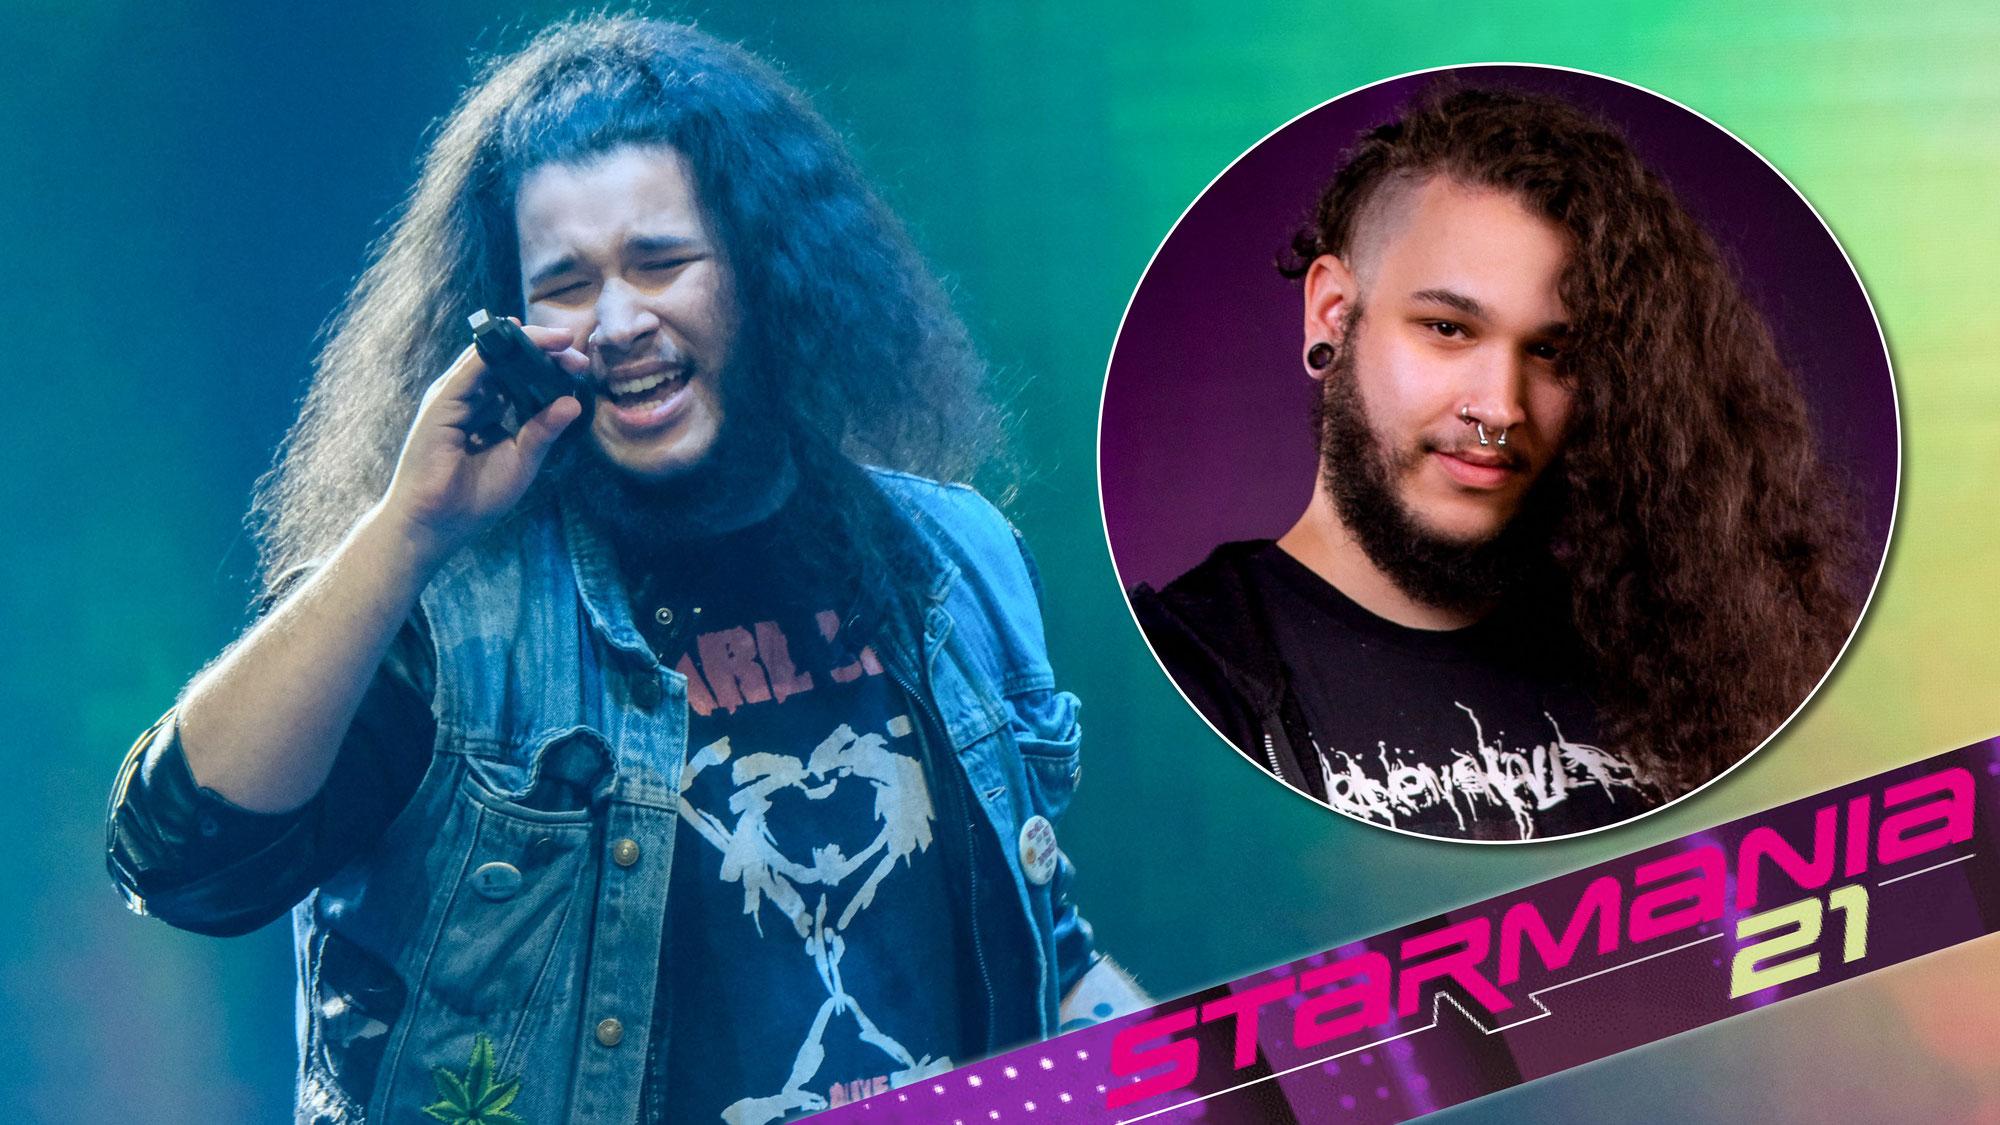 """POPMAGAZIN-Interview mit Starmaniac Felix Larcher: """"Eigentlich wollte ich nur Bassist sein"""""""